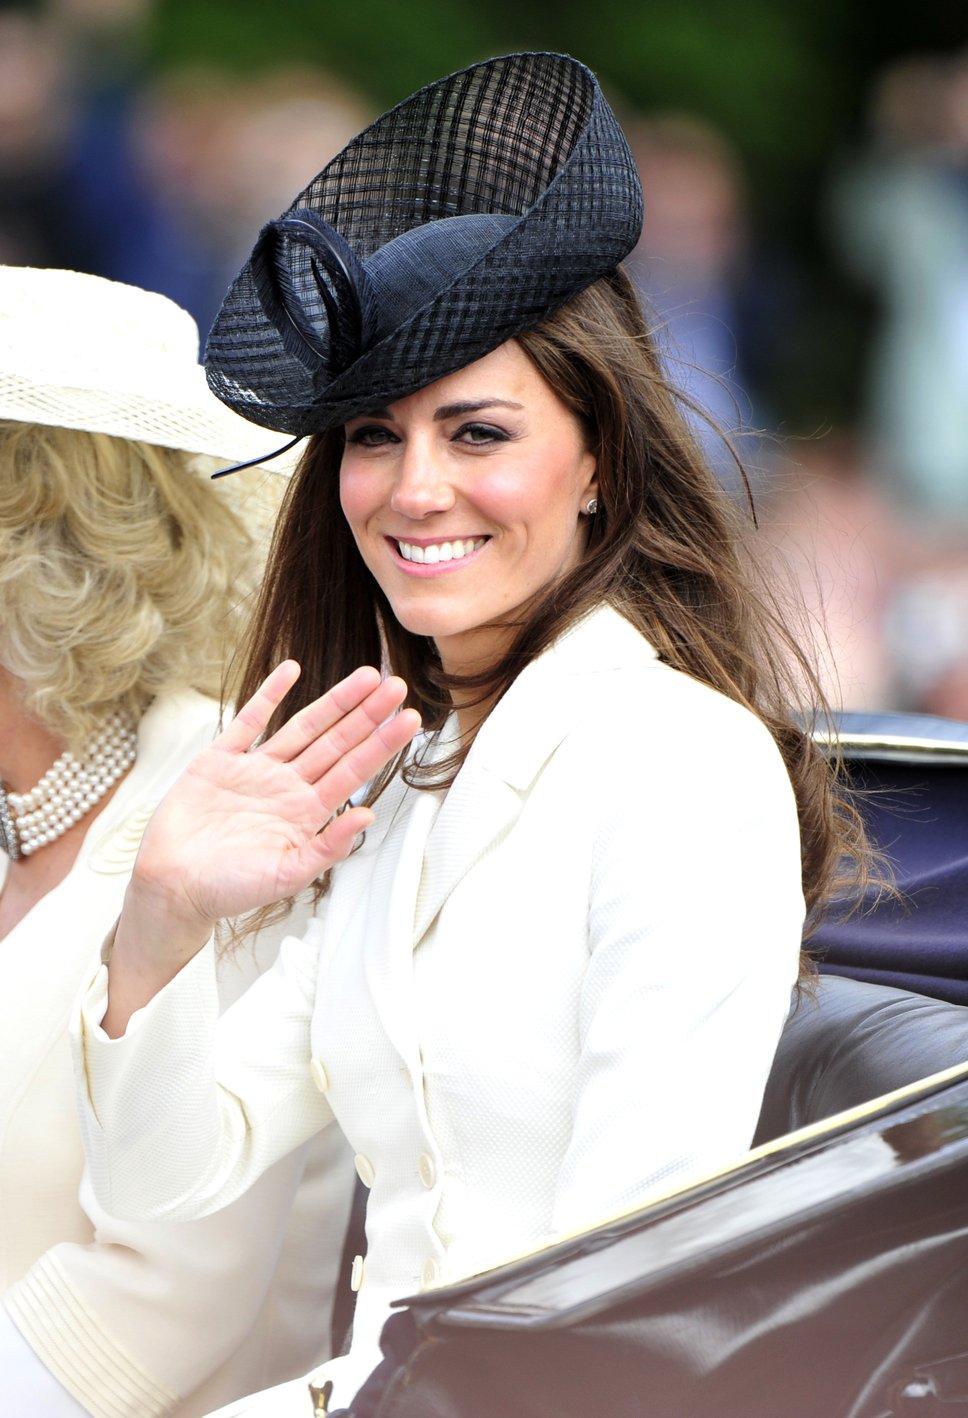 Catherine, Duchess of Cambridge photo 455 of 3070 pics ...